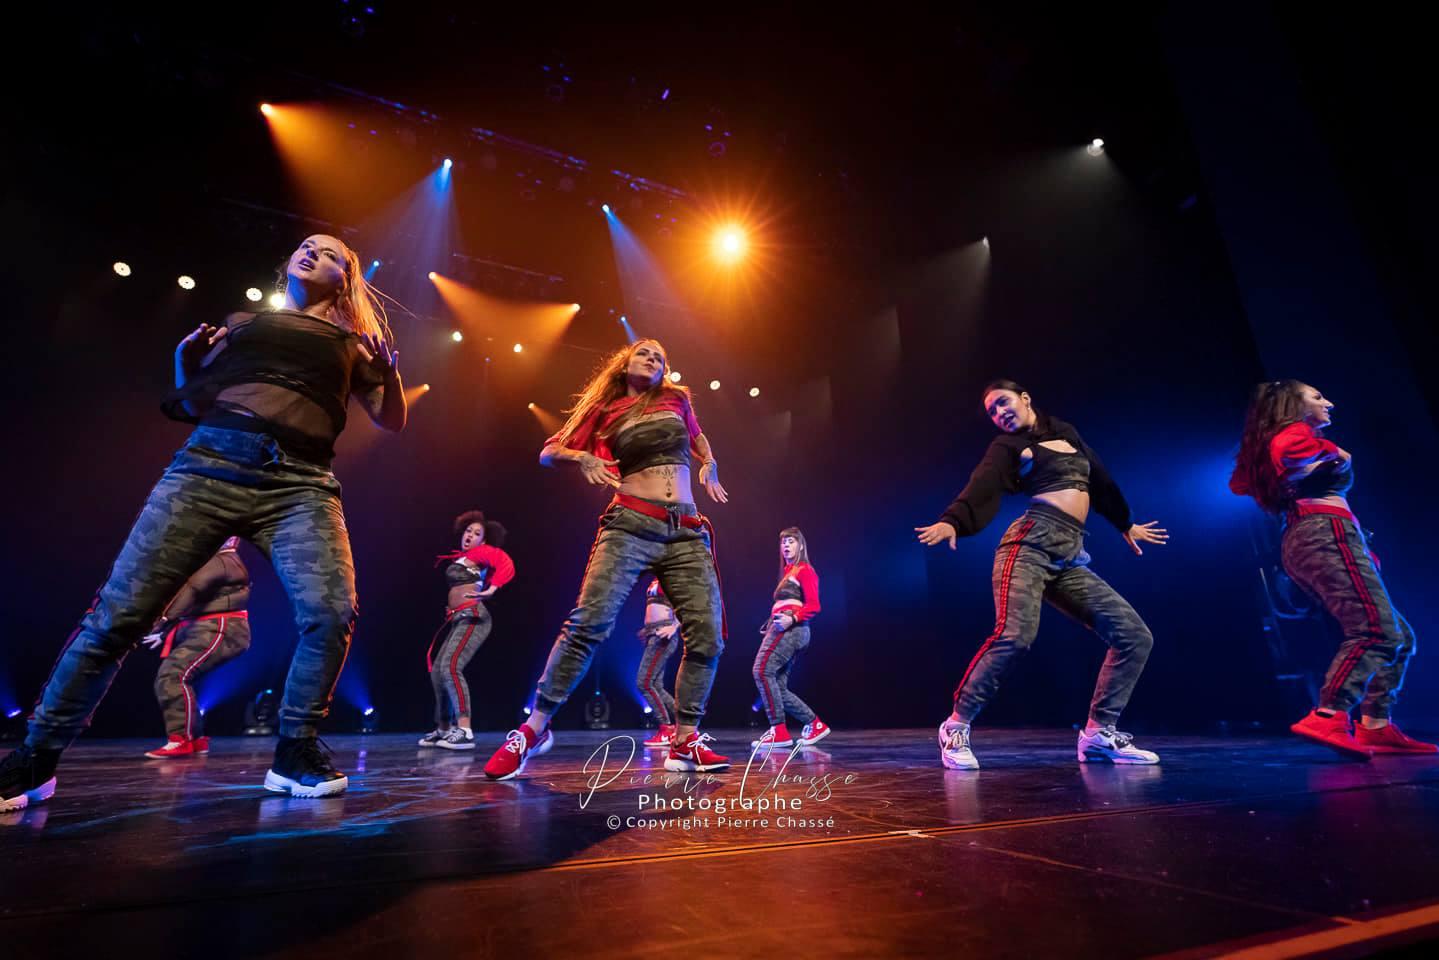 dancehall-style-de-danse-movinup